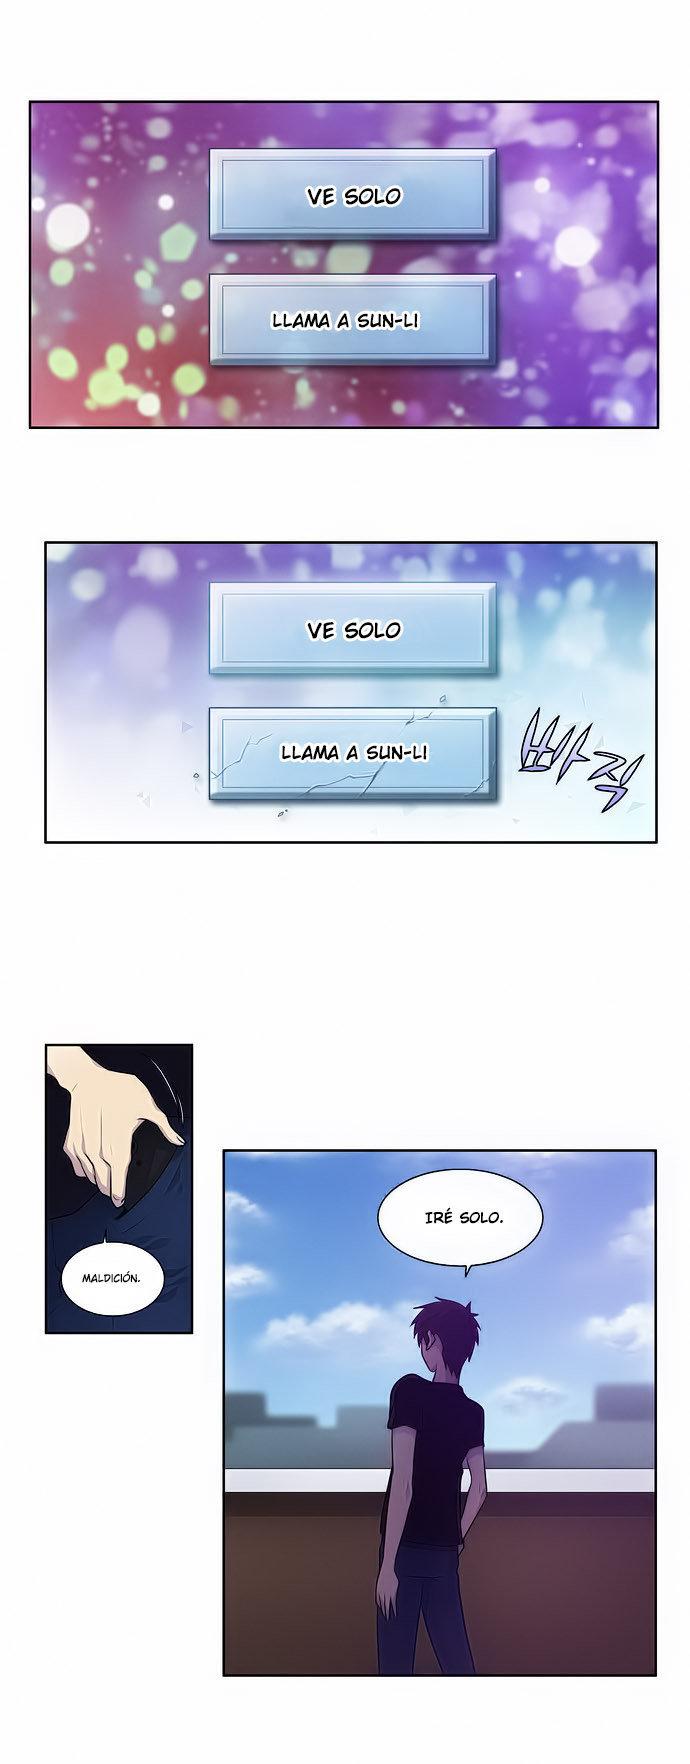 http://c5.ninemanga.com/es_manga/61/1725/439977/9f15ebd9884fb6a44f873d4bdf41aebc.jpg Page 10